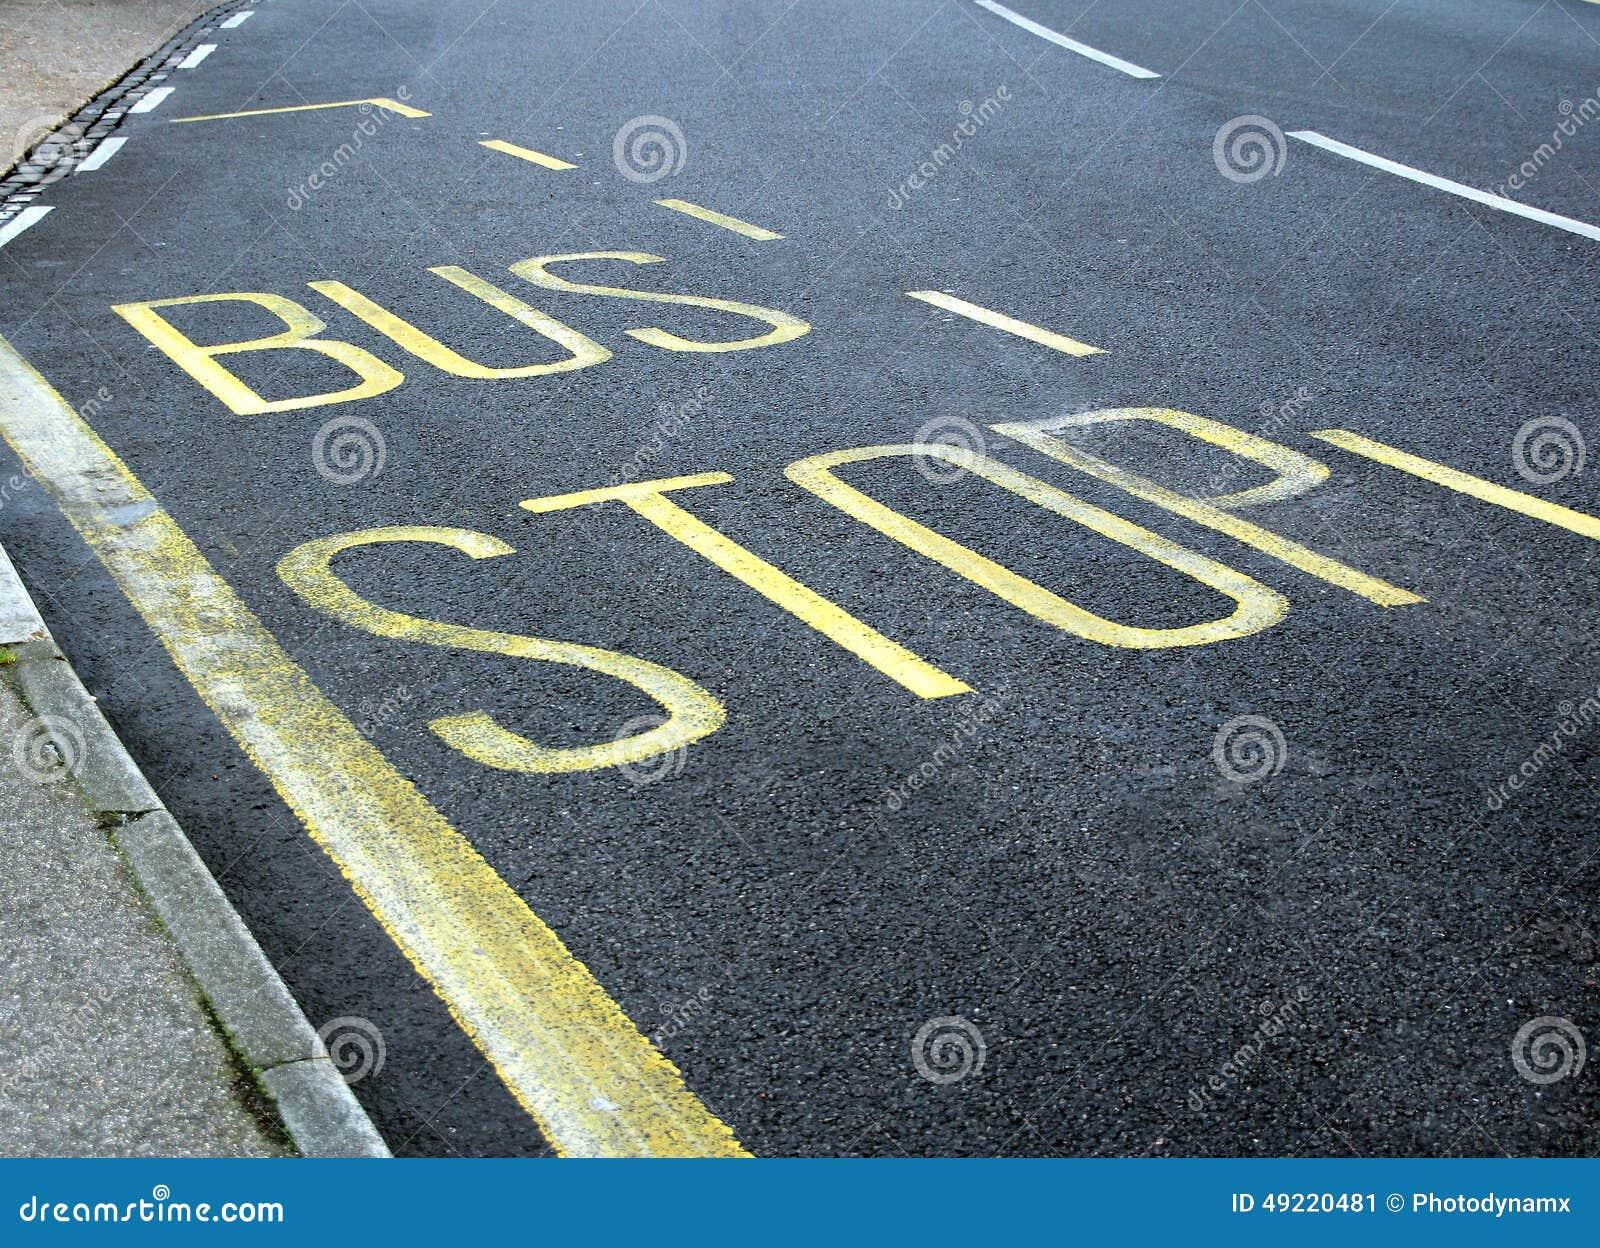 Pista do sinal da parada do ônibus